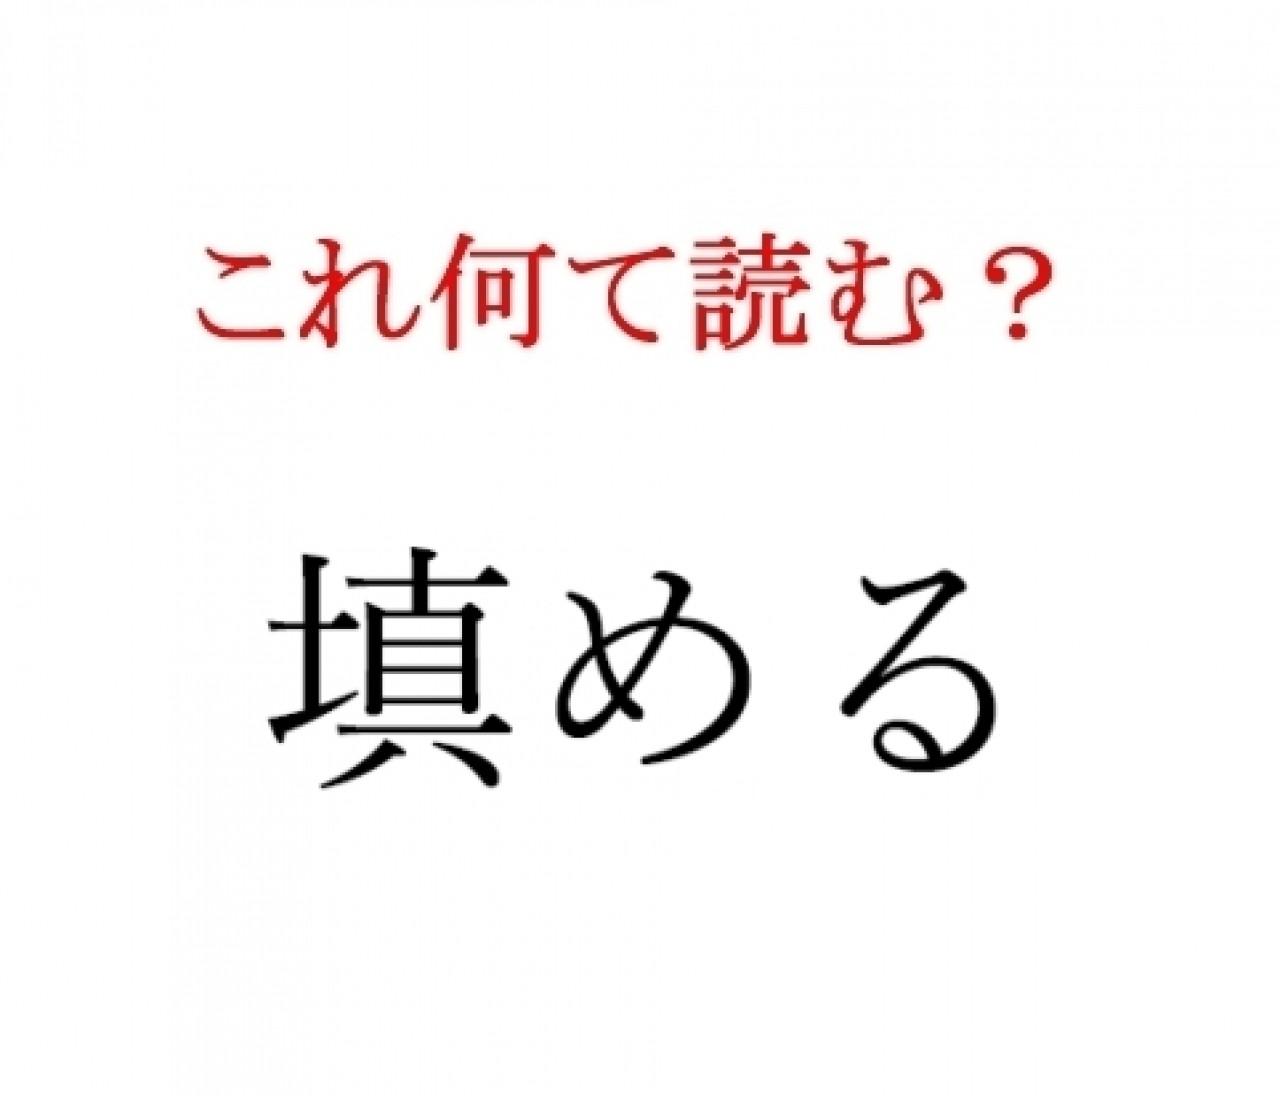 「填める」:この漢字、自信を持って読めますか?【働く大人の漢字クイズvol.22】